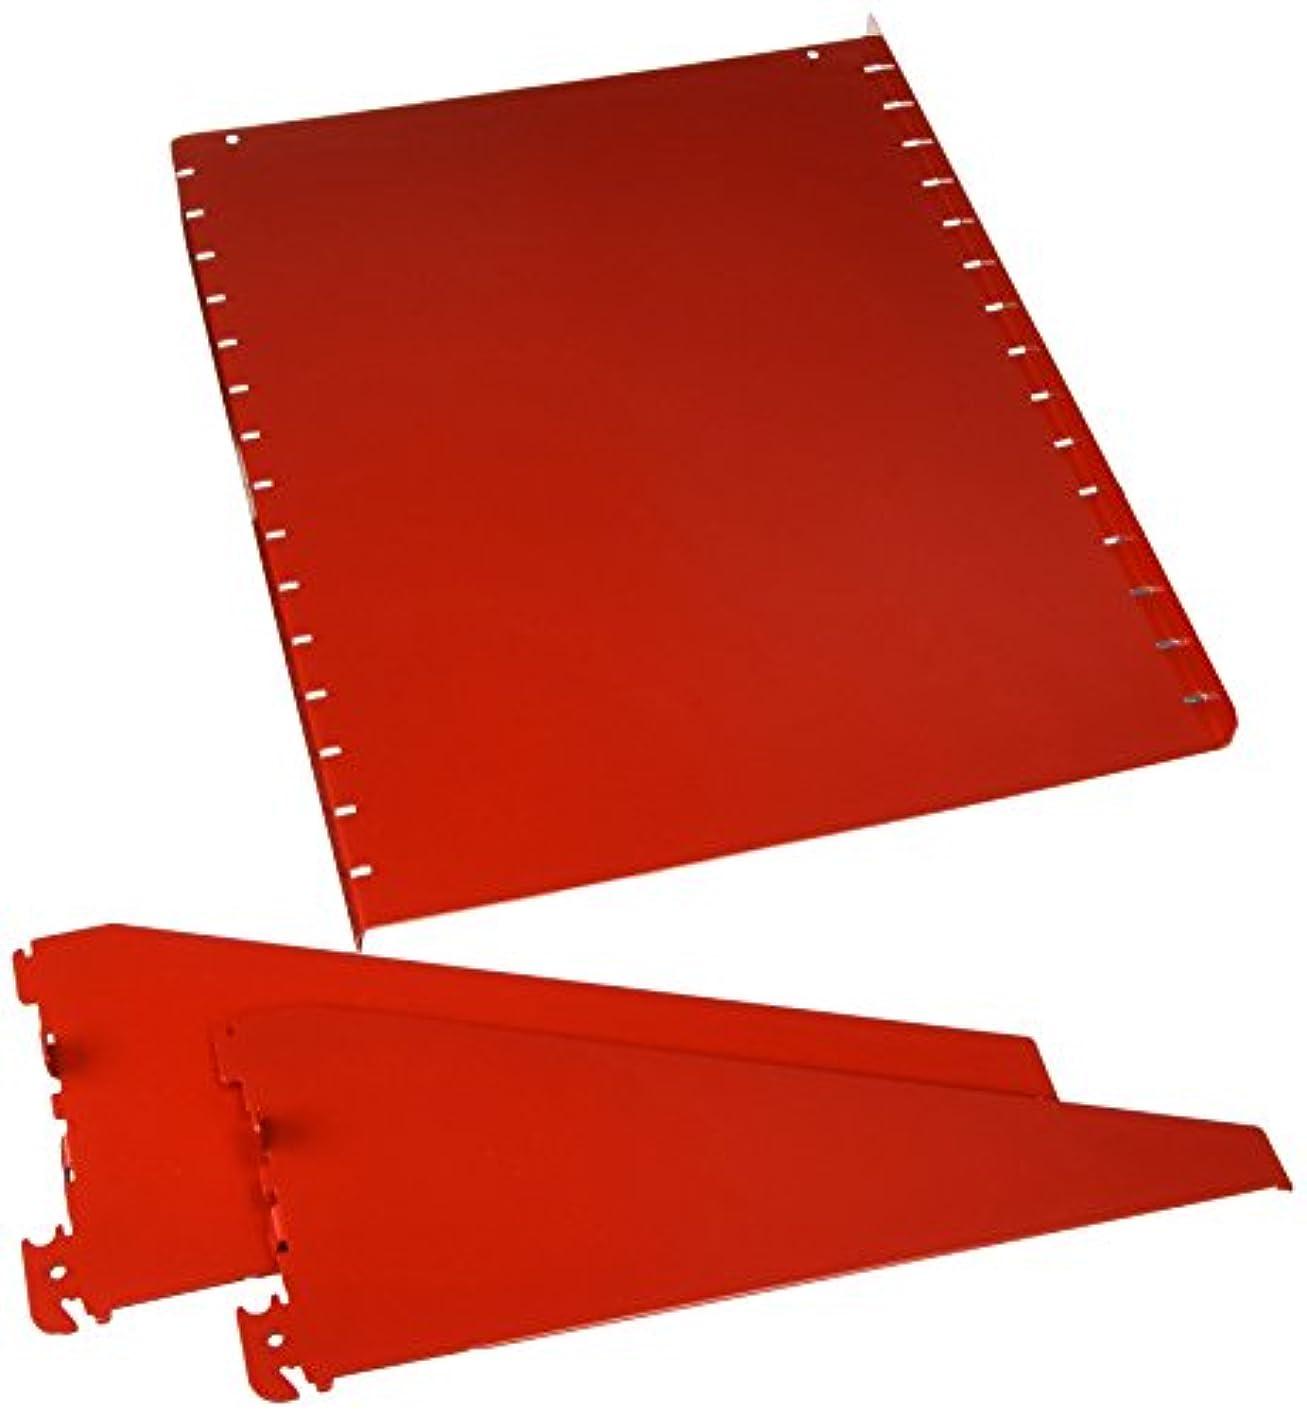 Wall Control Pegboard Shelf 12in Deep Pegboard Shelf Assembly for Wall Control Pegboard and Slotted Tool Board – Red